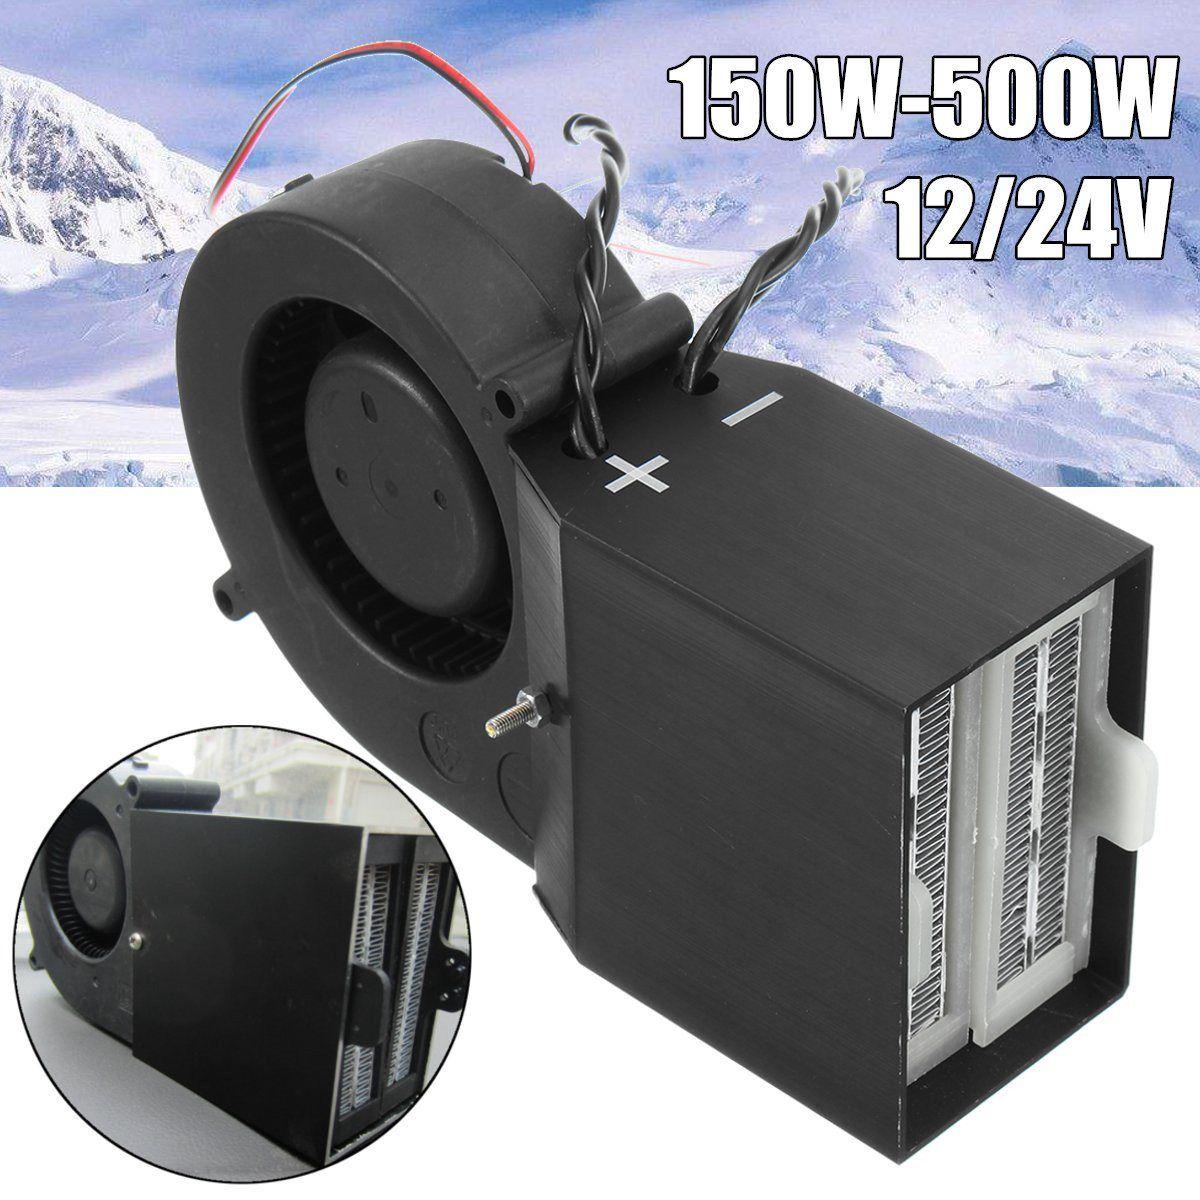 Adjustable 500W Ceramic Car Fan Heater Heating Warmer Defroster Demister DC 12V/24V